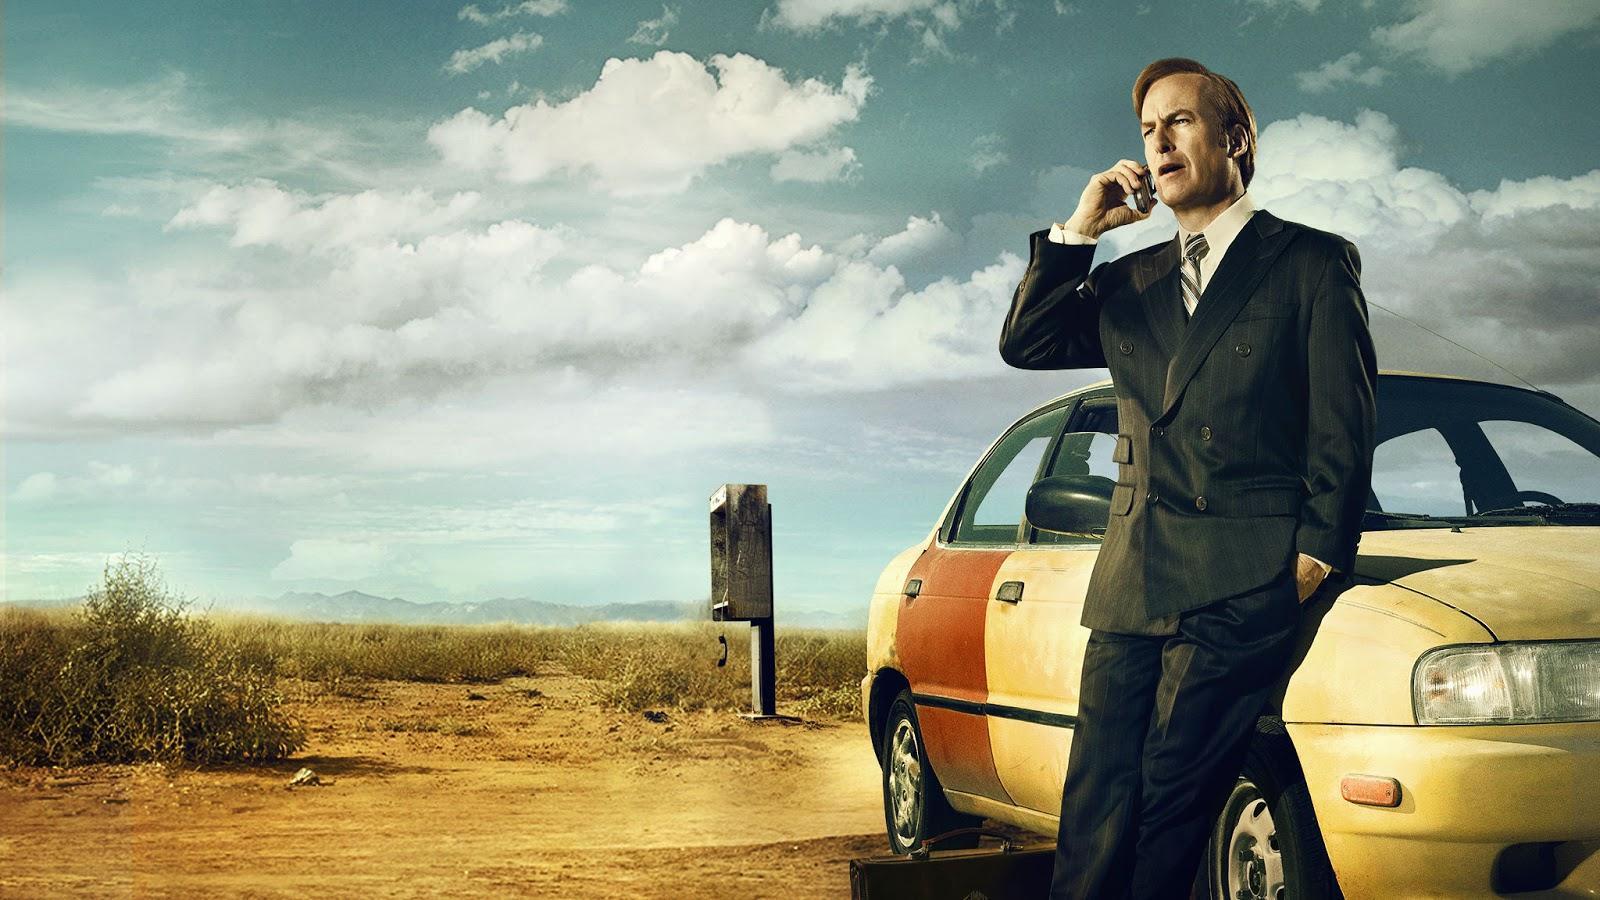 Better Call Saul - Séries para Estudantes de Direito